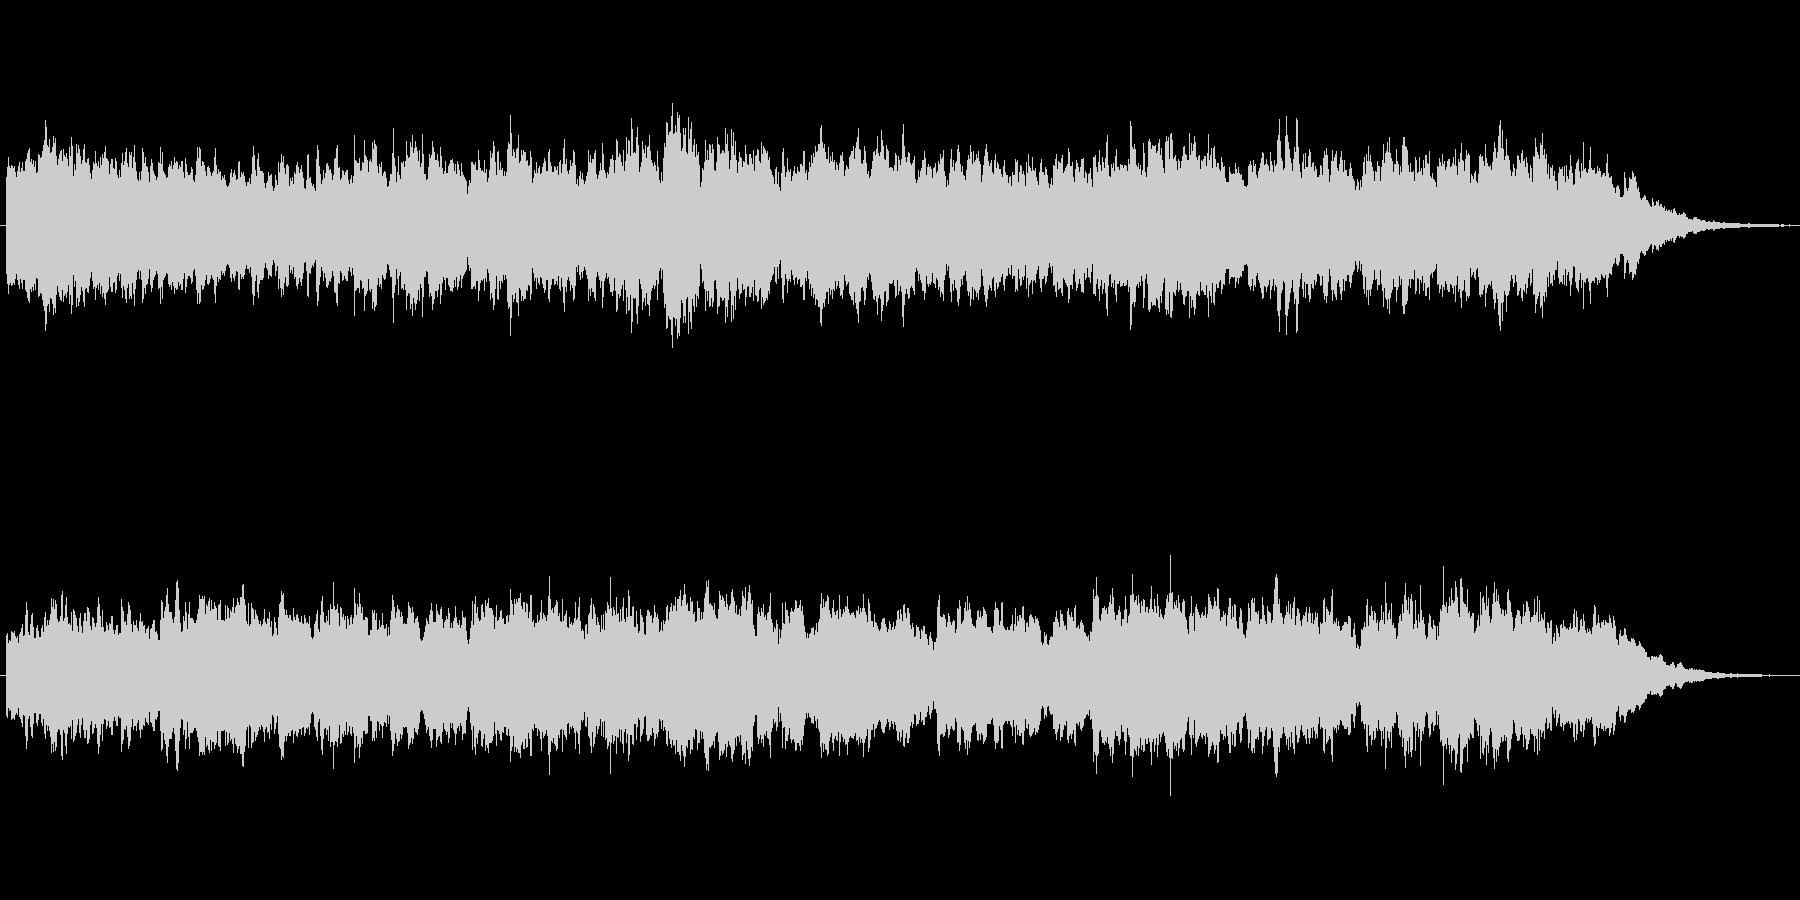 キラキラシンセのメルヘン世界のジングルの未再生の波形